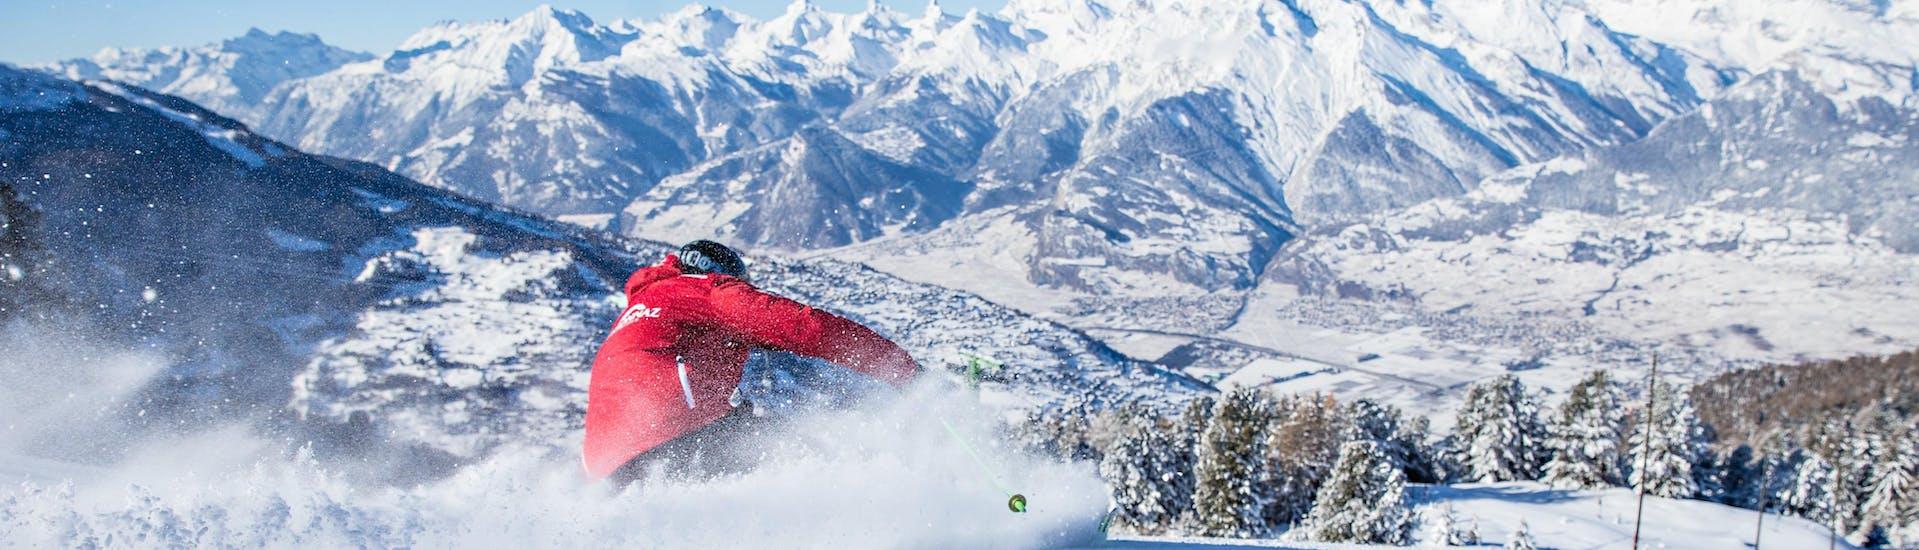 Cours particulier de ski Adultes pour Tous niveaux avec École Suisse de Ski de Veysonnaz - Hero image